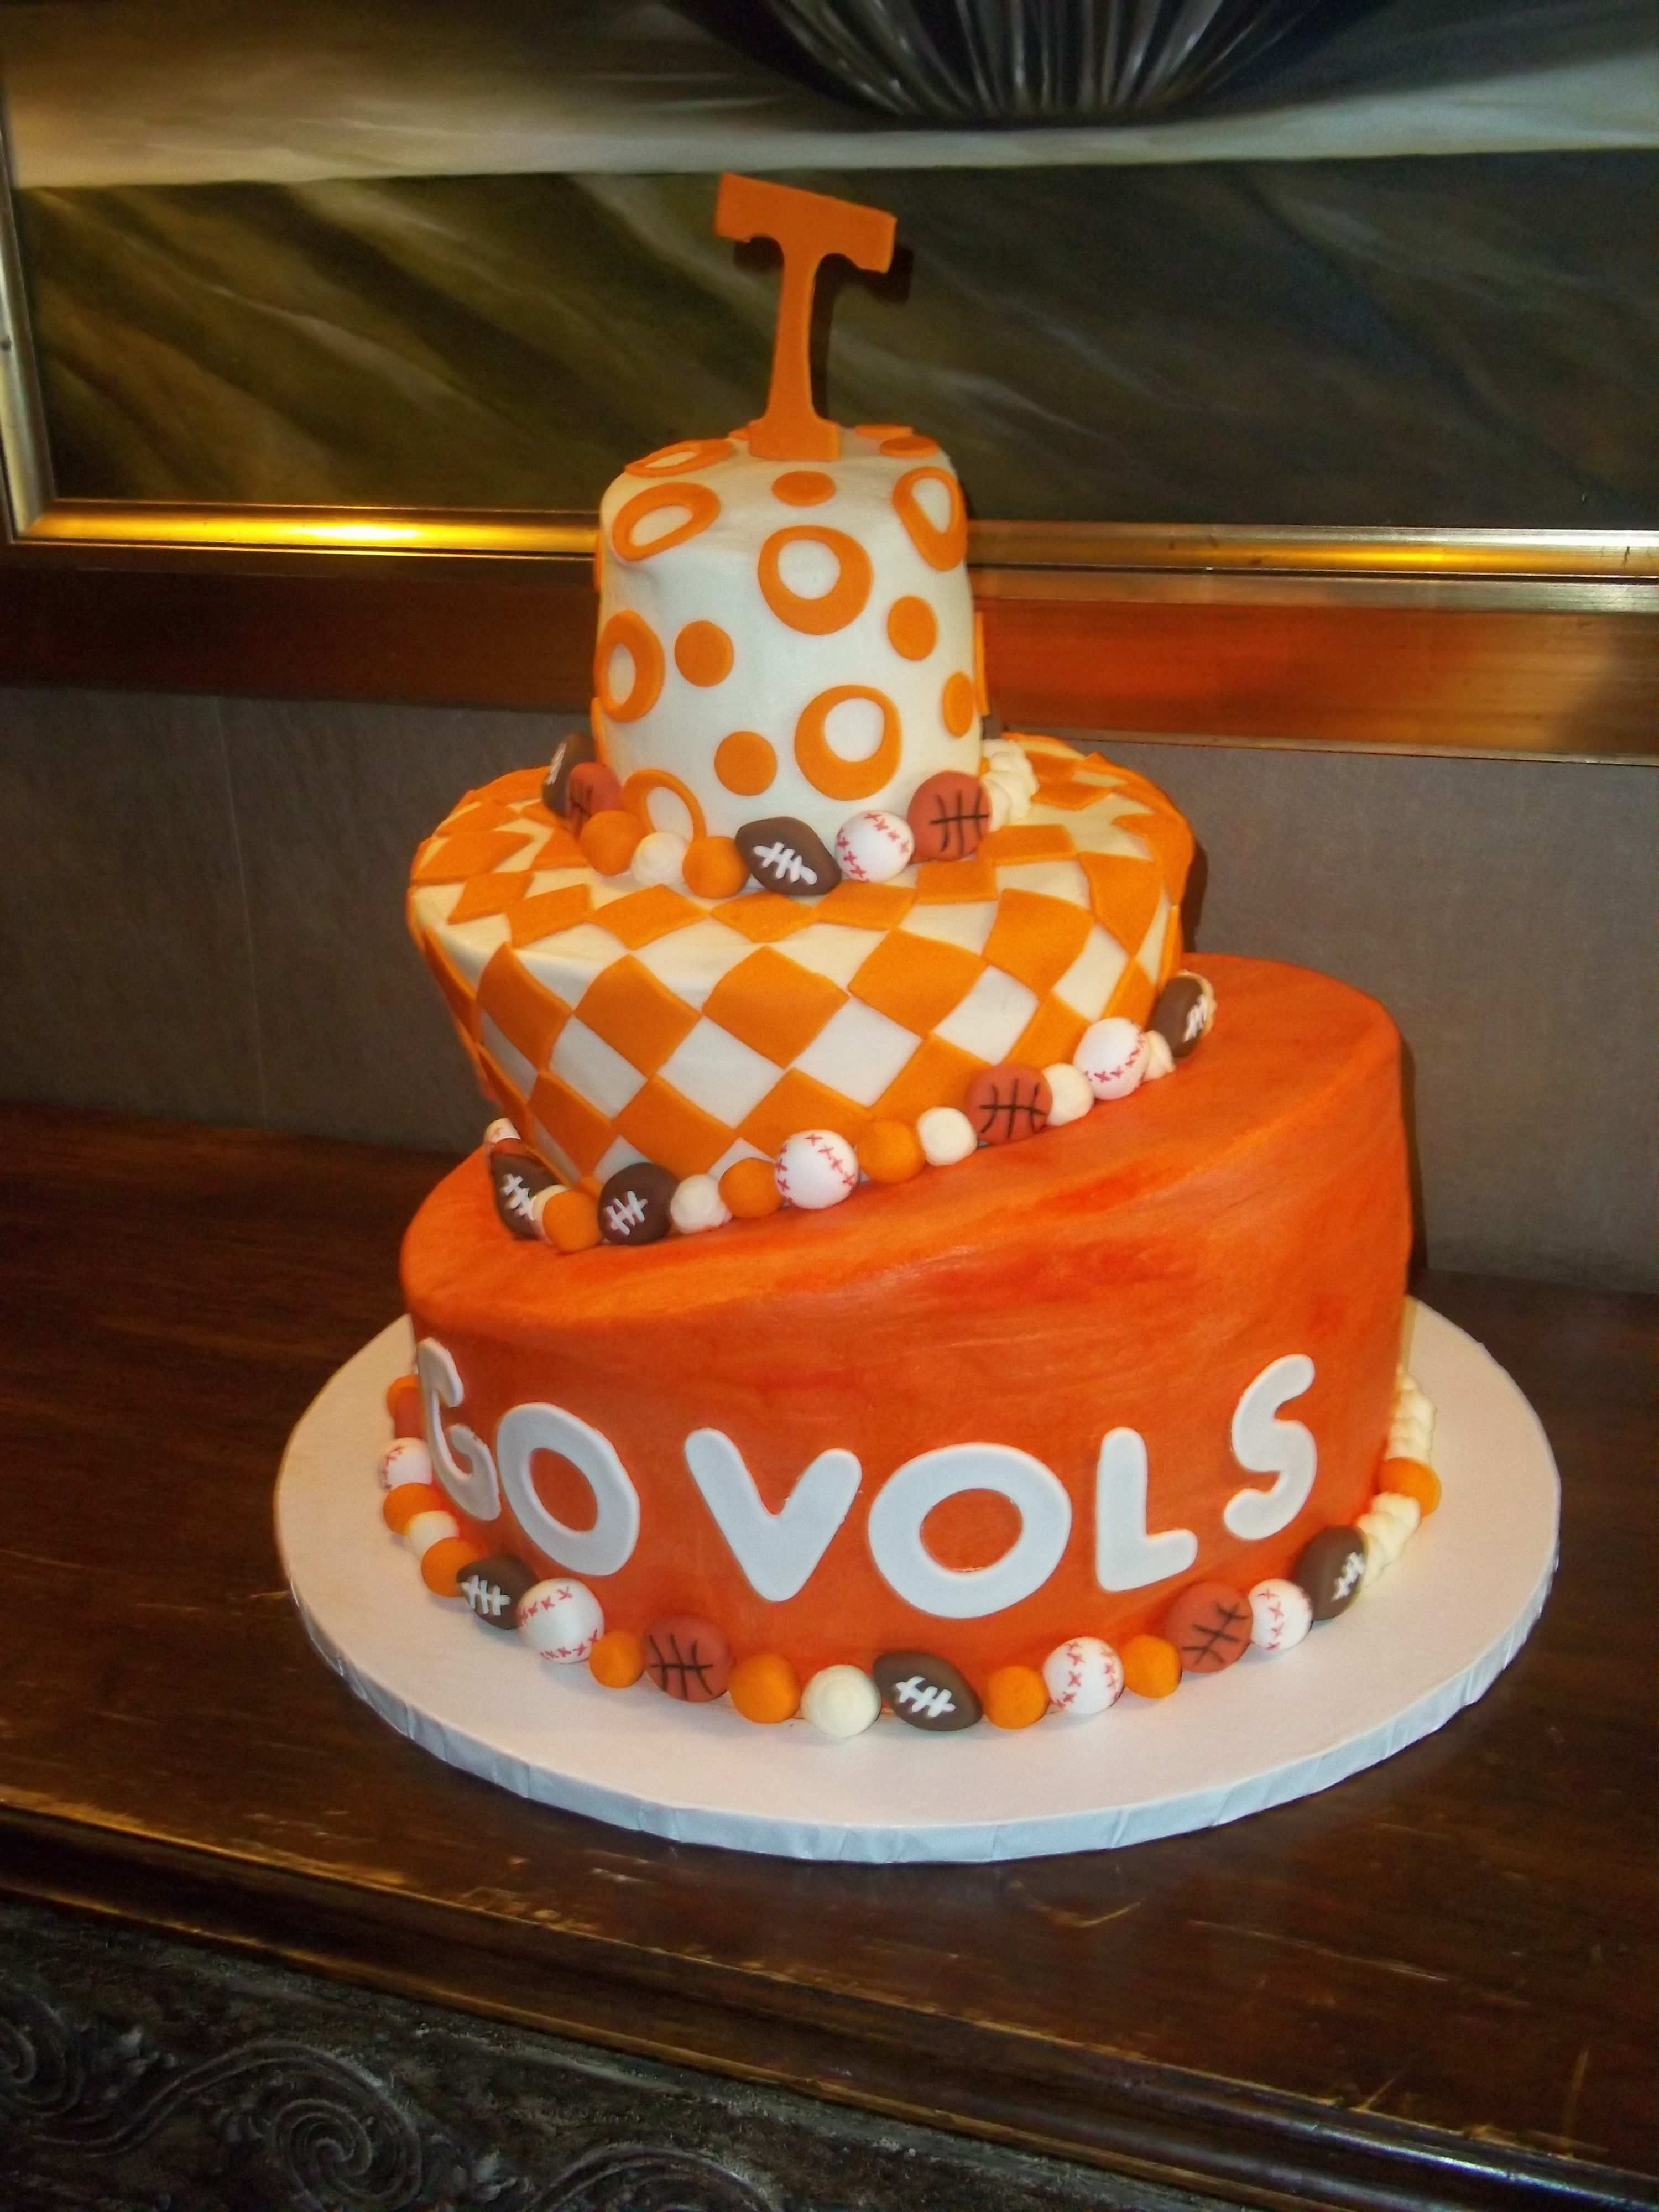 d2382e1b879bd3dc4232809d3f1e6c6d tennessee ut vols groom's cake groom's cakes pinterest cake